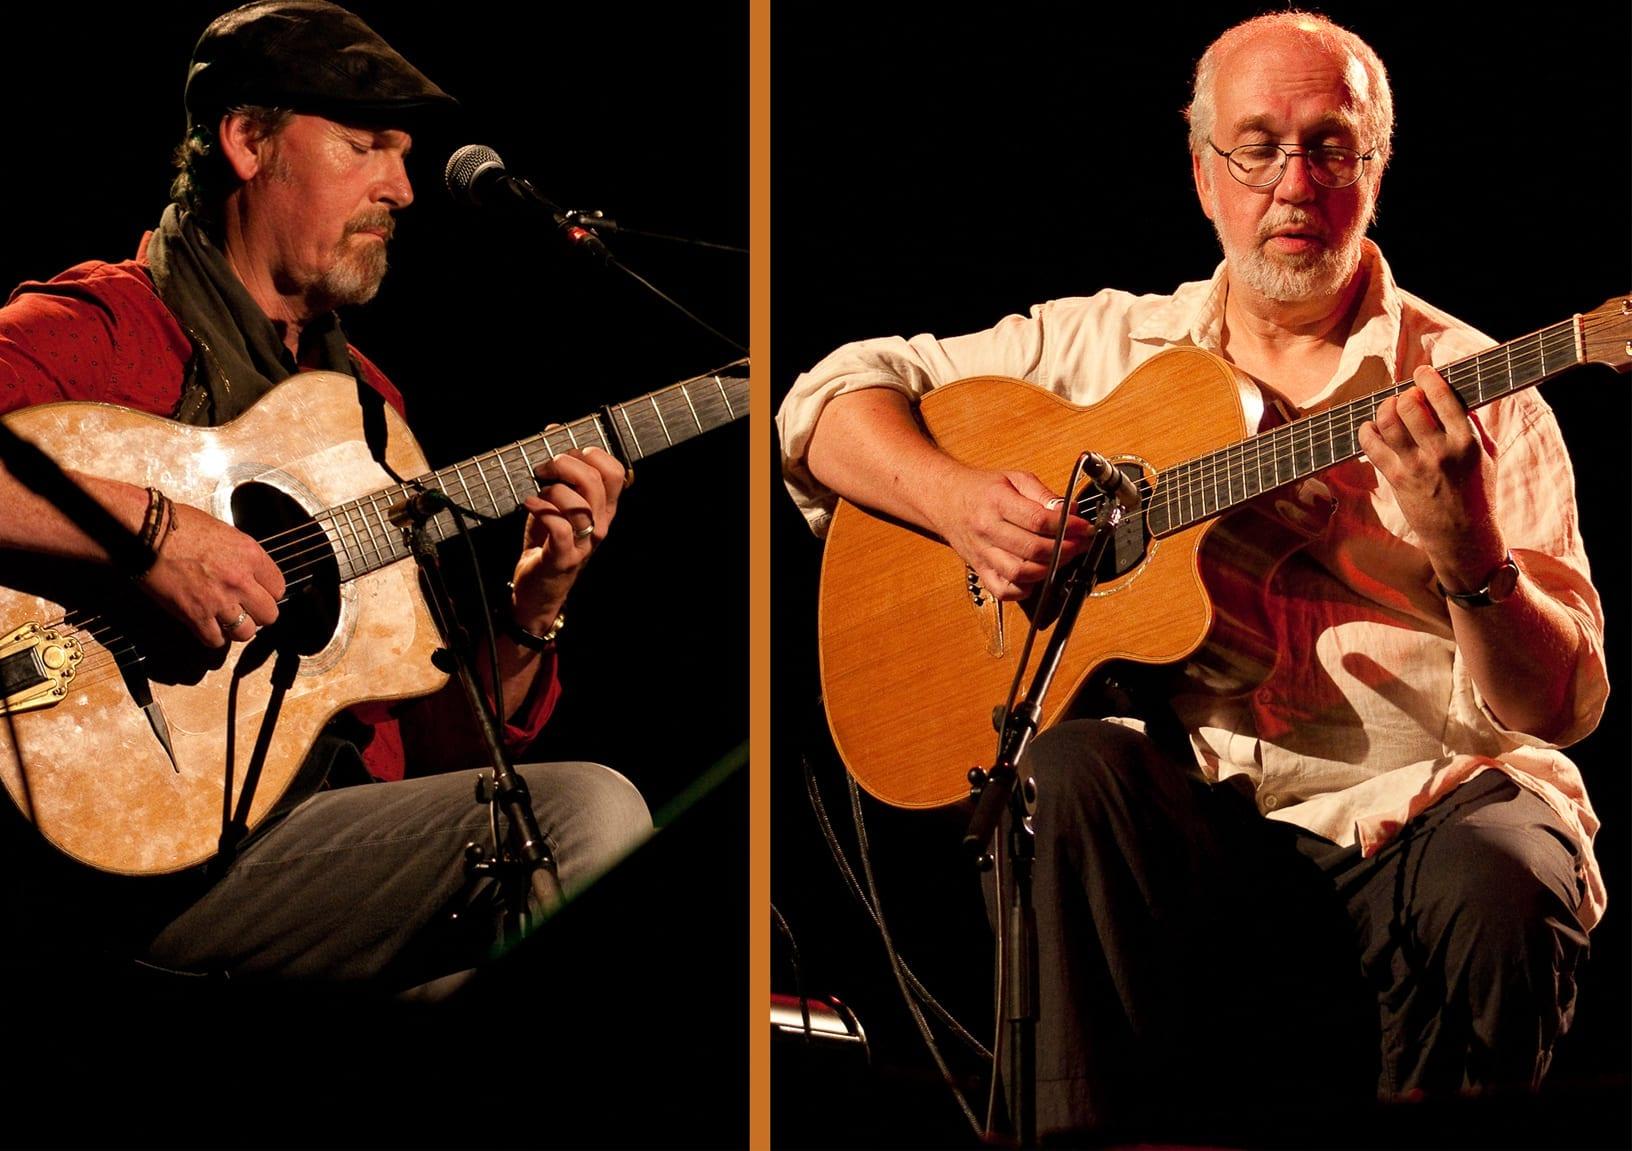 Ian & Dylan